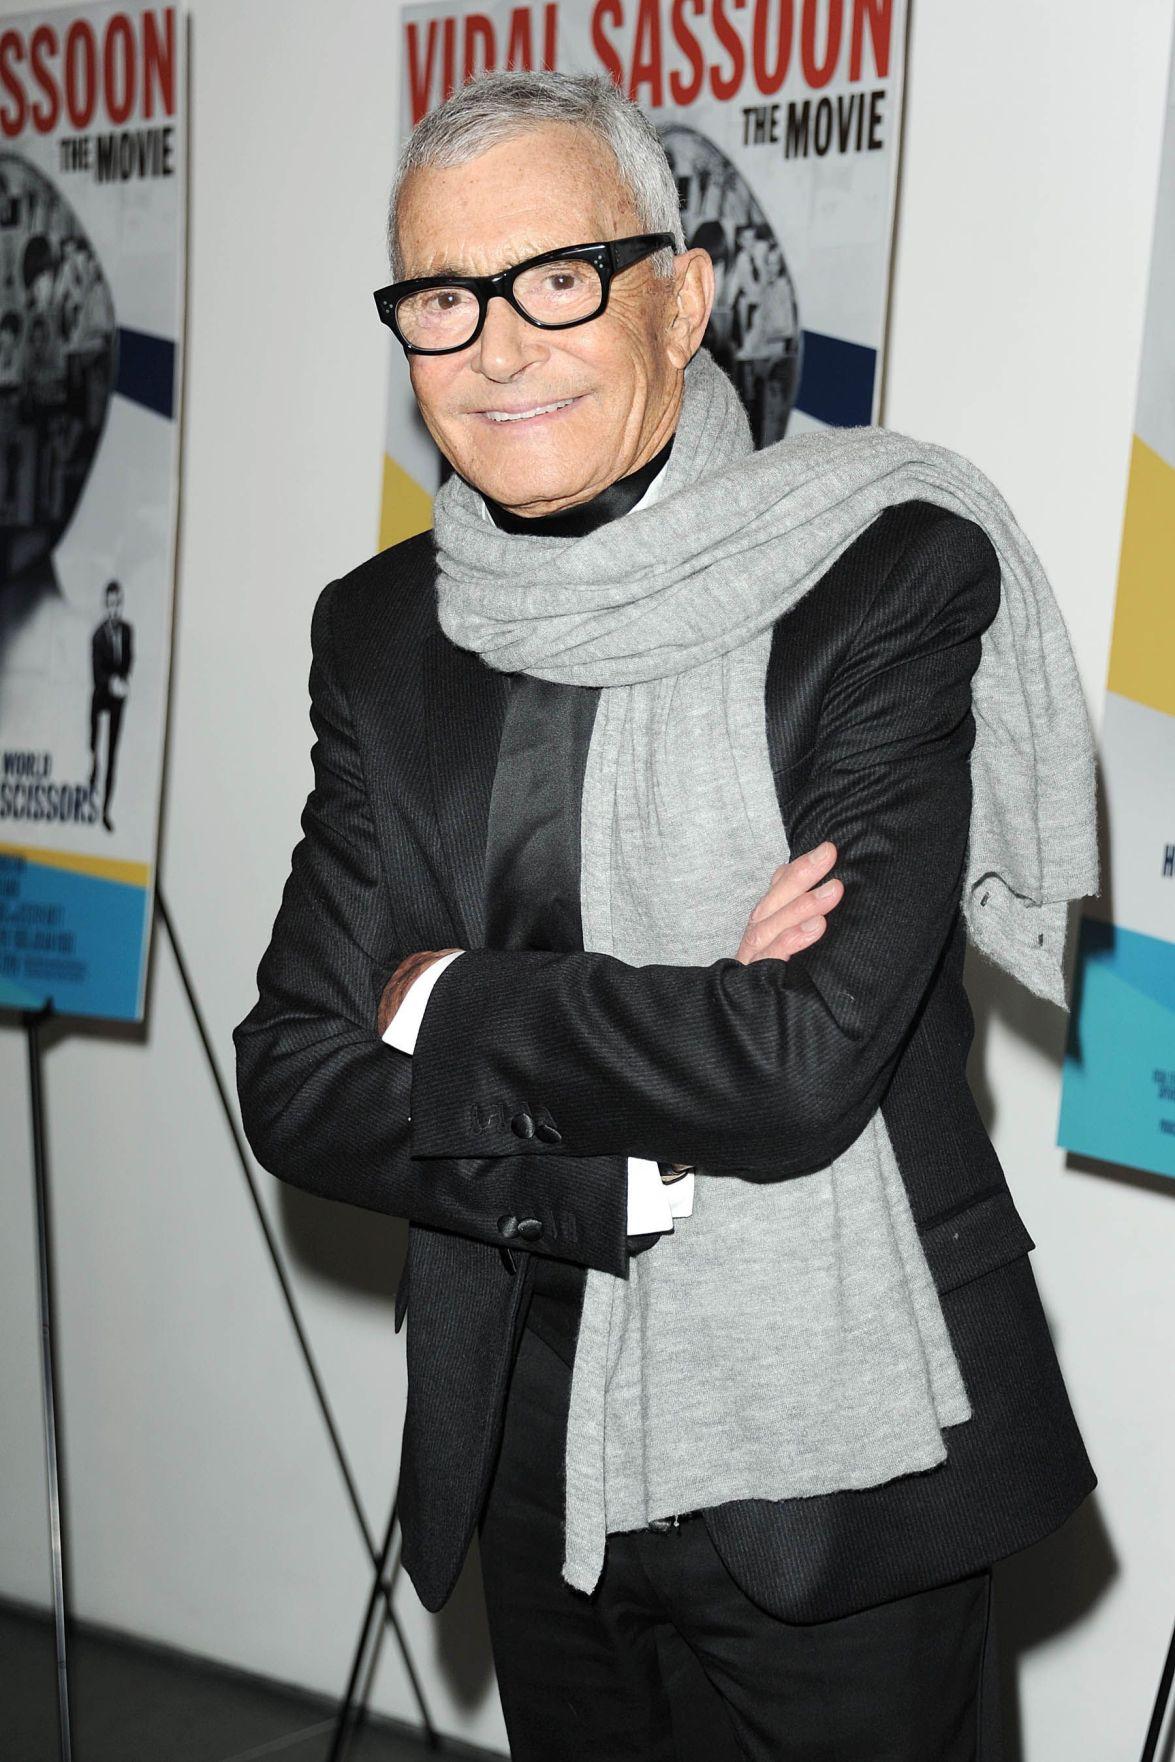 Hairstyling pioneer Vidal Sassoon dies at 84 in Los Angeles